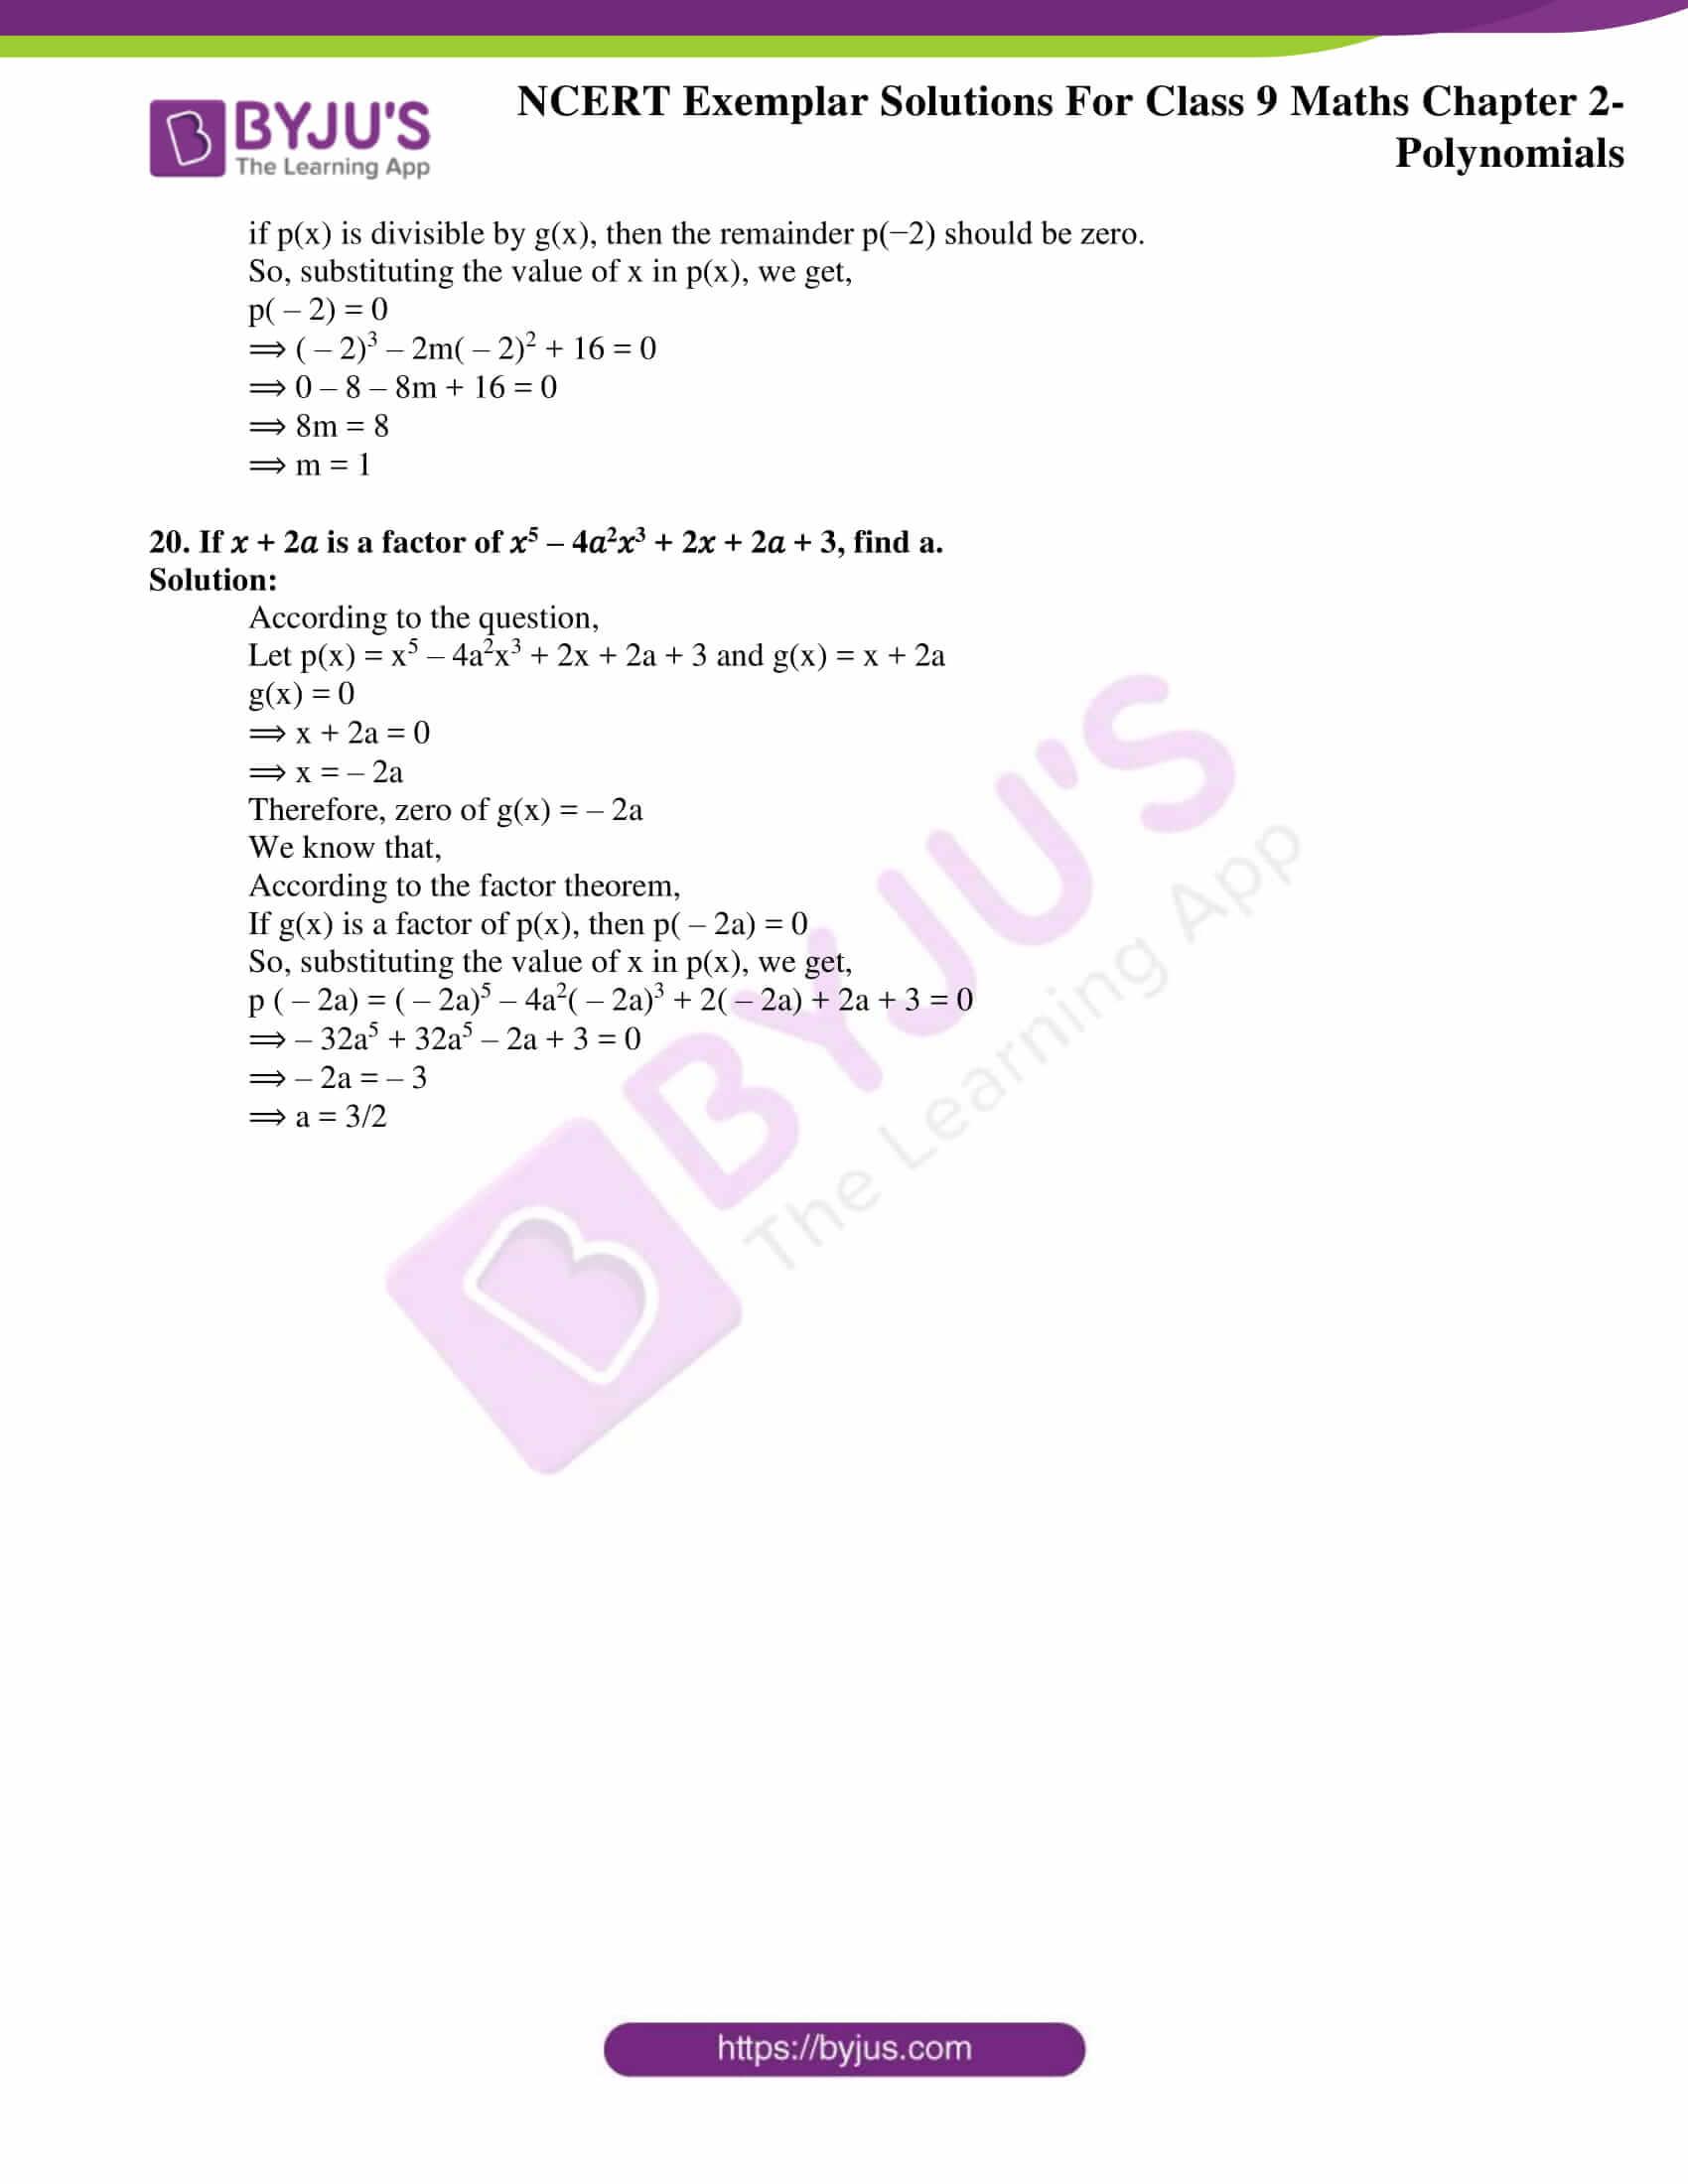 NCERT Exemplar Solutions for Class 9 Maths Chapter 2 21